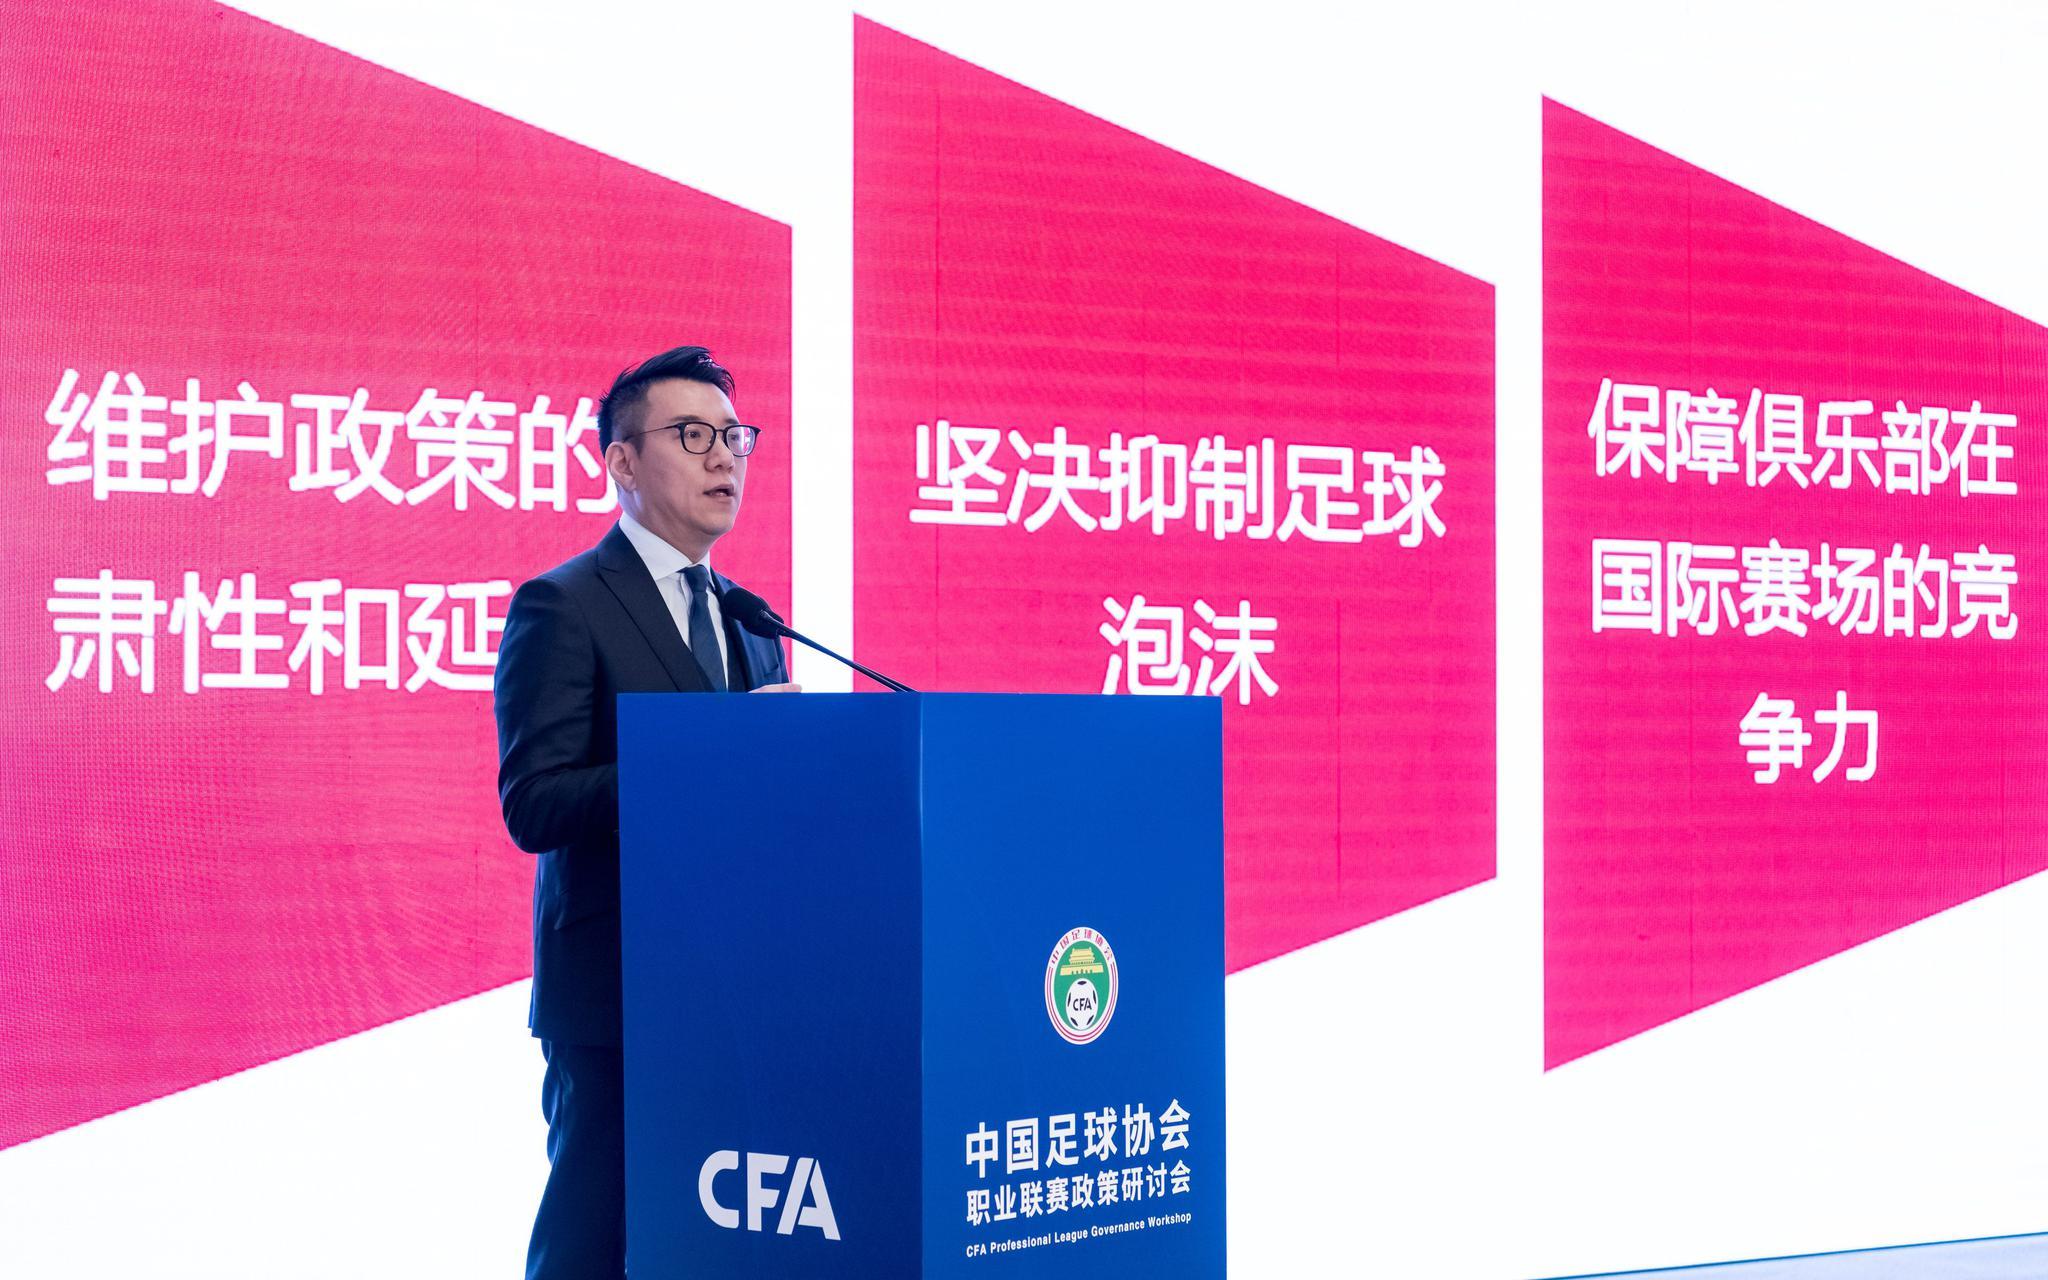 足协秘书长刘奕回应焦点问题。中国足协供图